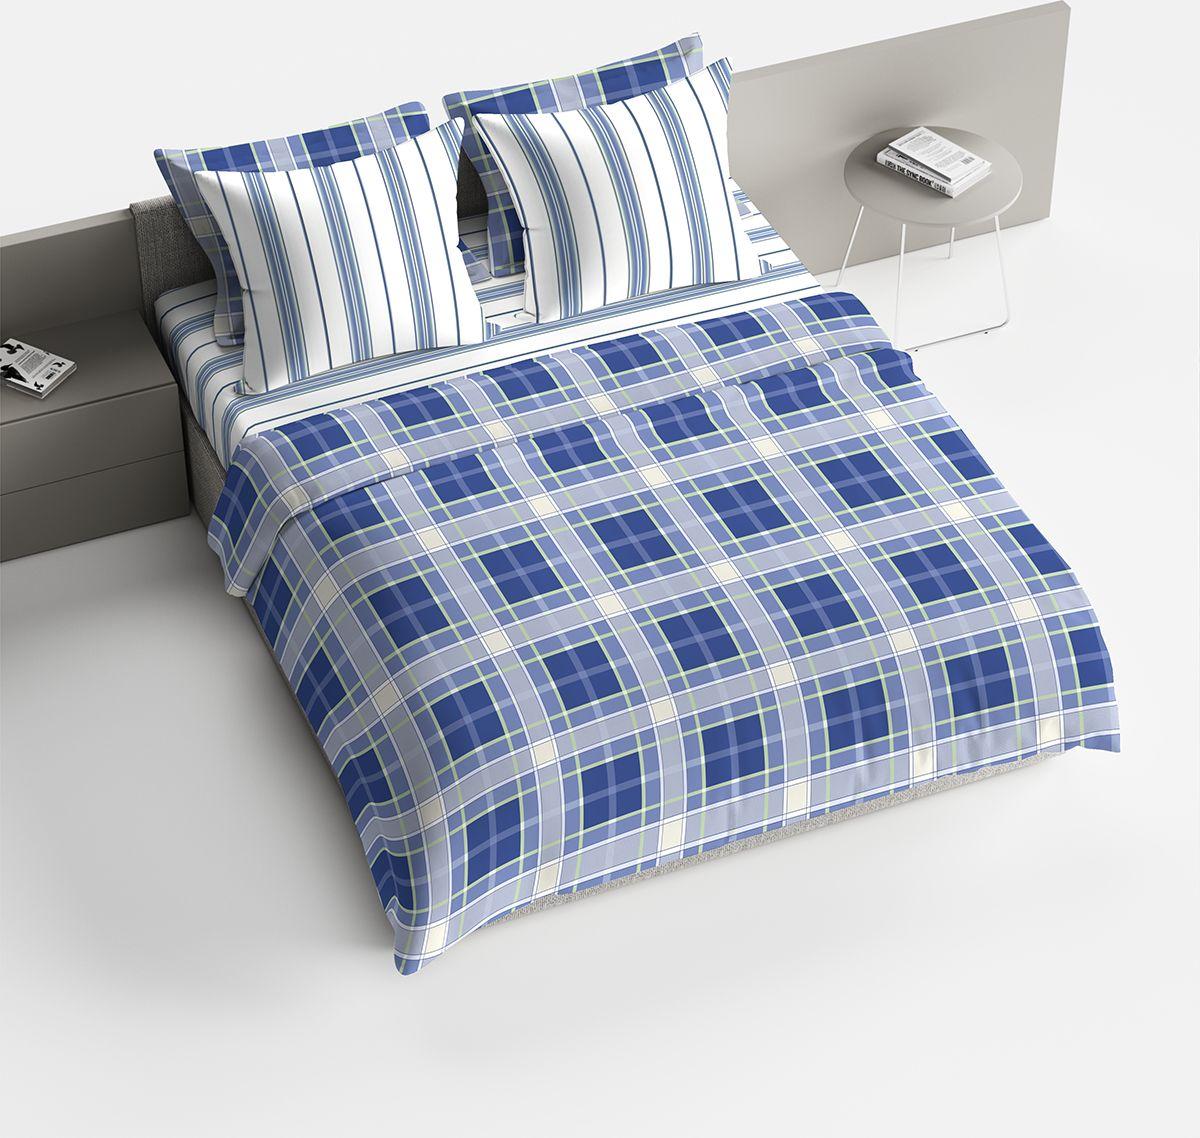 Комплект белья Браво Джузеппе, 1,5-спальное, наволочки 70x70, цвет: синий391602Комплекты постельного белья из ткани LUX COTTON (высококачественный поплин), сотканной из длинноволокнистого египетского хлопка, созданы специально для людей с оригинальным вкусом, предпочитающим современные решения в интерьере. Обновленная стильная упаковка делает этот комплект отличным подарком. • Равноплотная ткань из 100% хлопка;• Обработана по технологии мерсеризации и санфоризации;• Мягкая и нежная на ощупь;• Устойчива к трению;• Обладает высокими показателями гигроскопичности (впитывает влагу);• Выдерживает частые стирки, сохраняя первоначальные цвет, форму и размеры;• Безопасные красители ведущего немецкого производителя BEZEMA